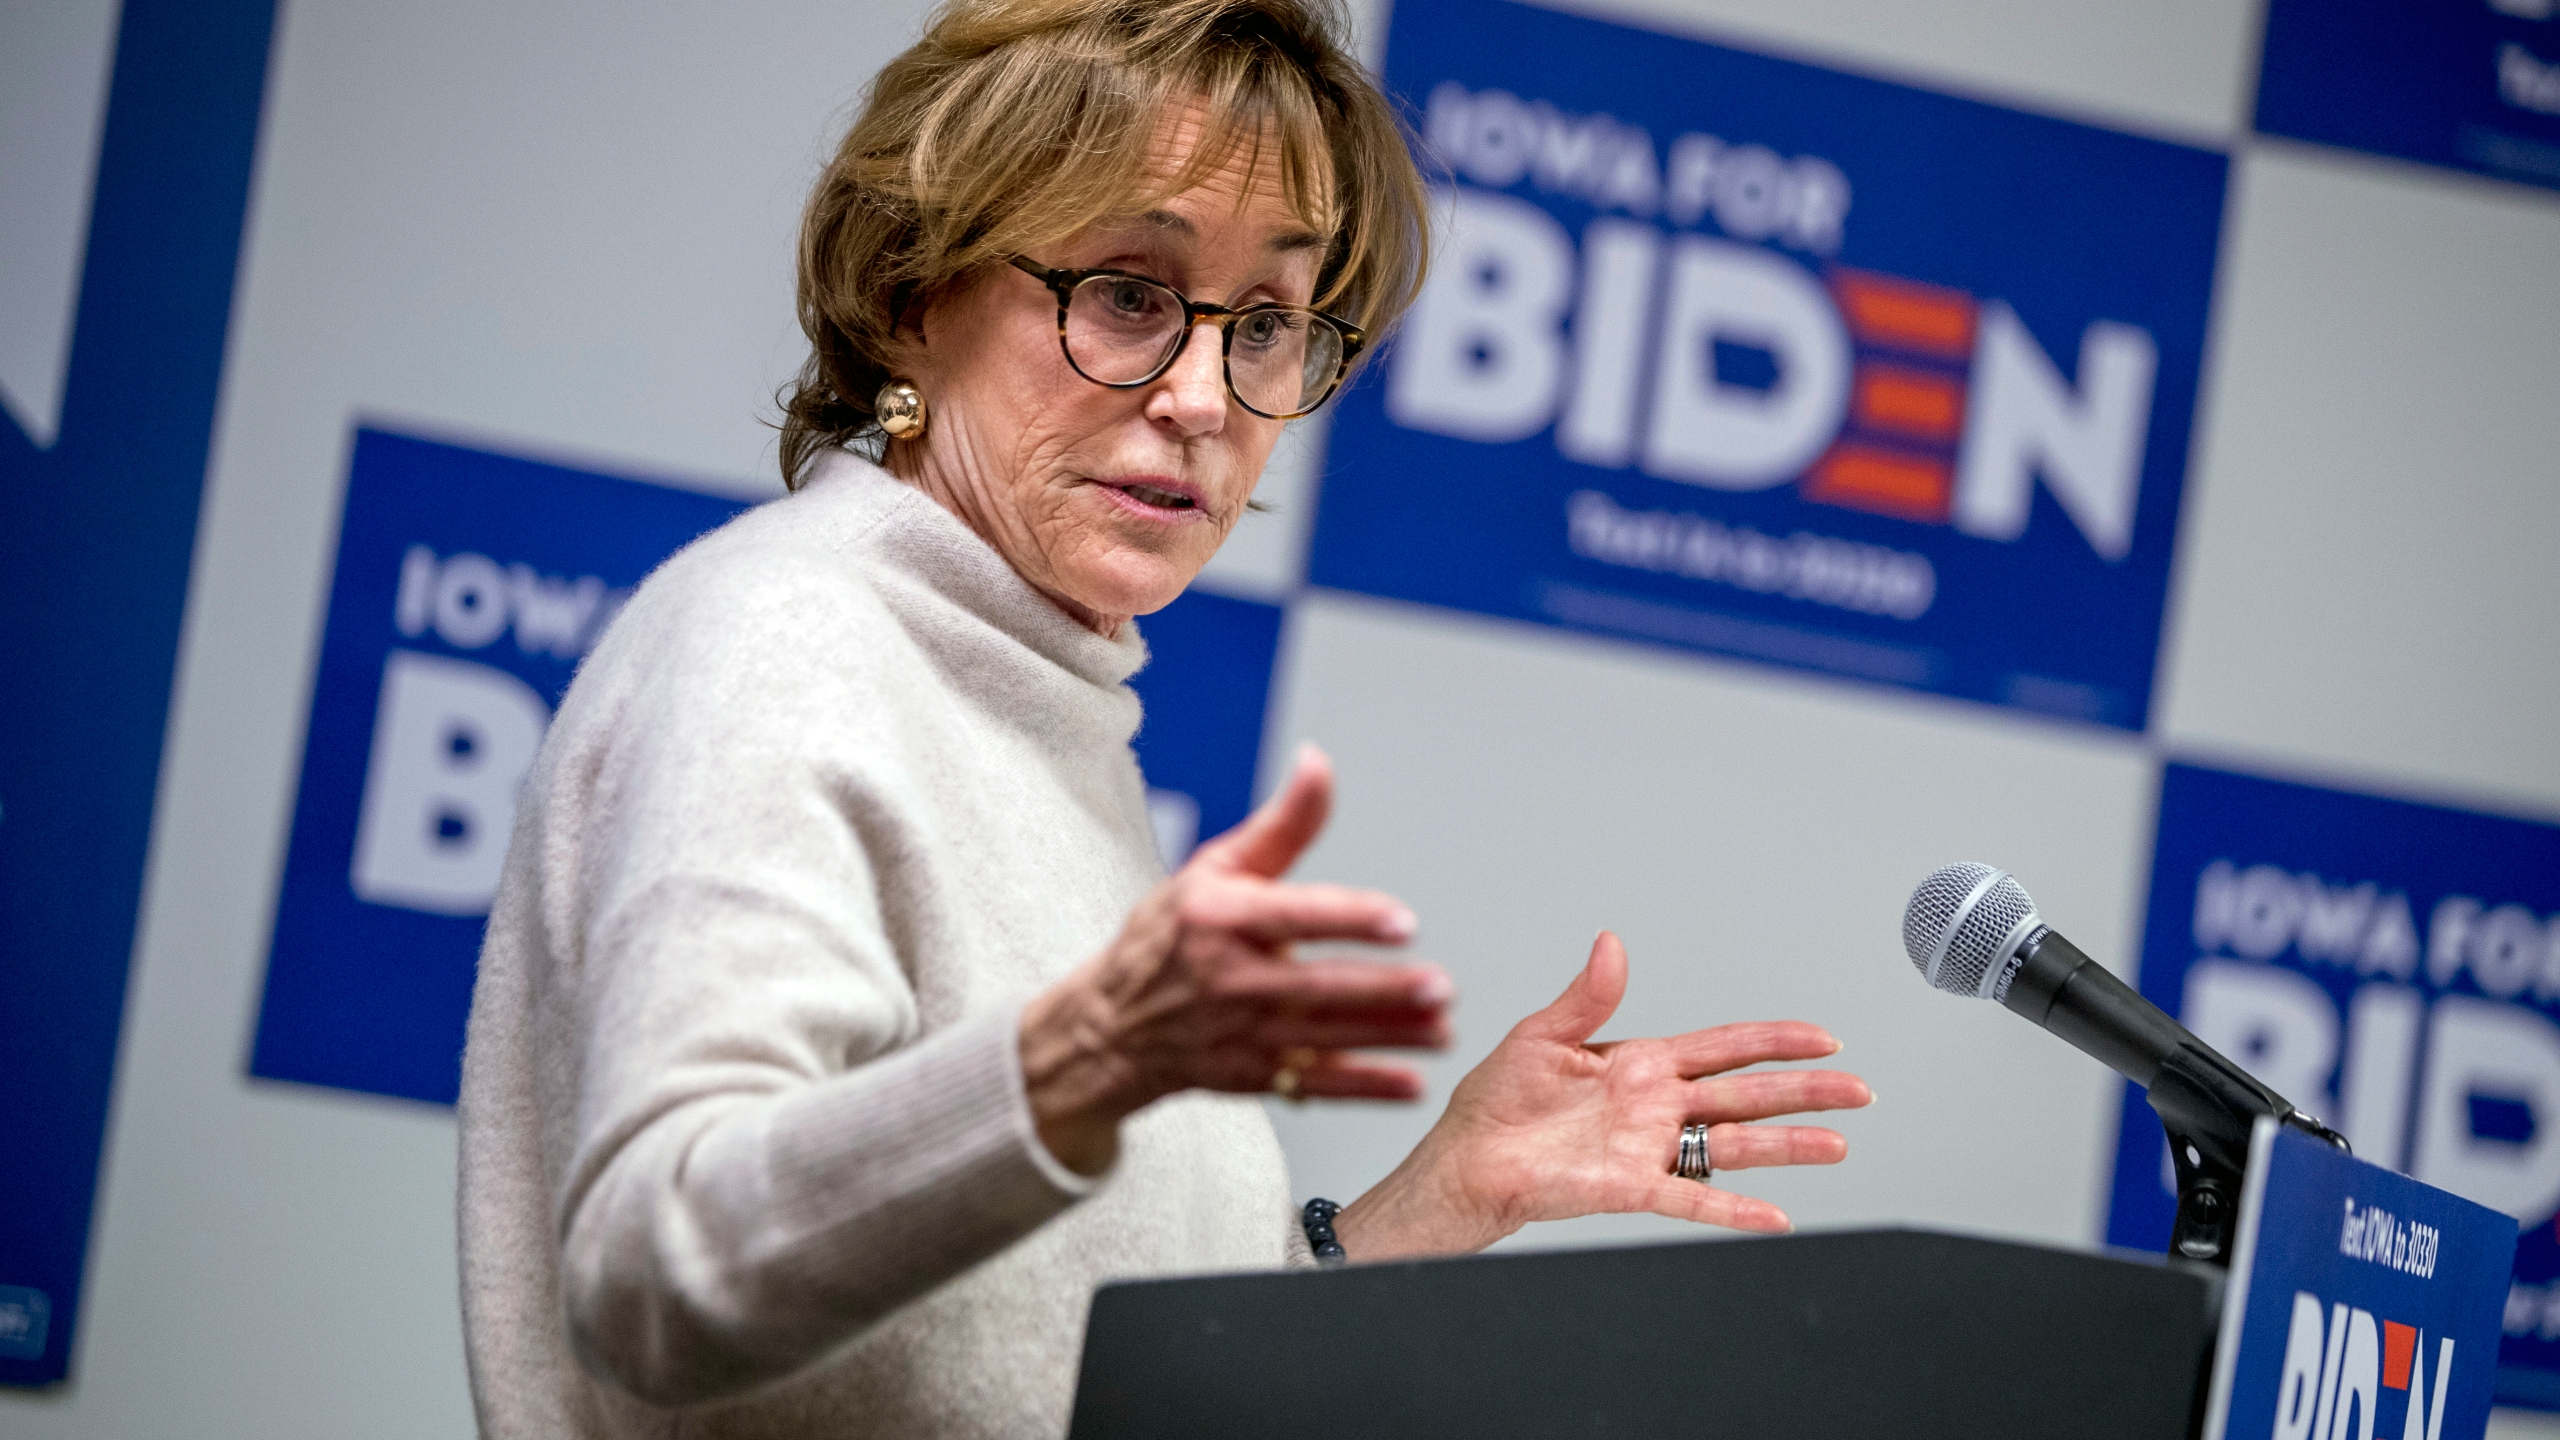 Valerie Biden Owens